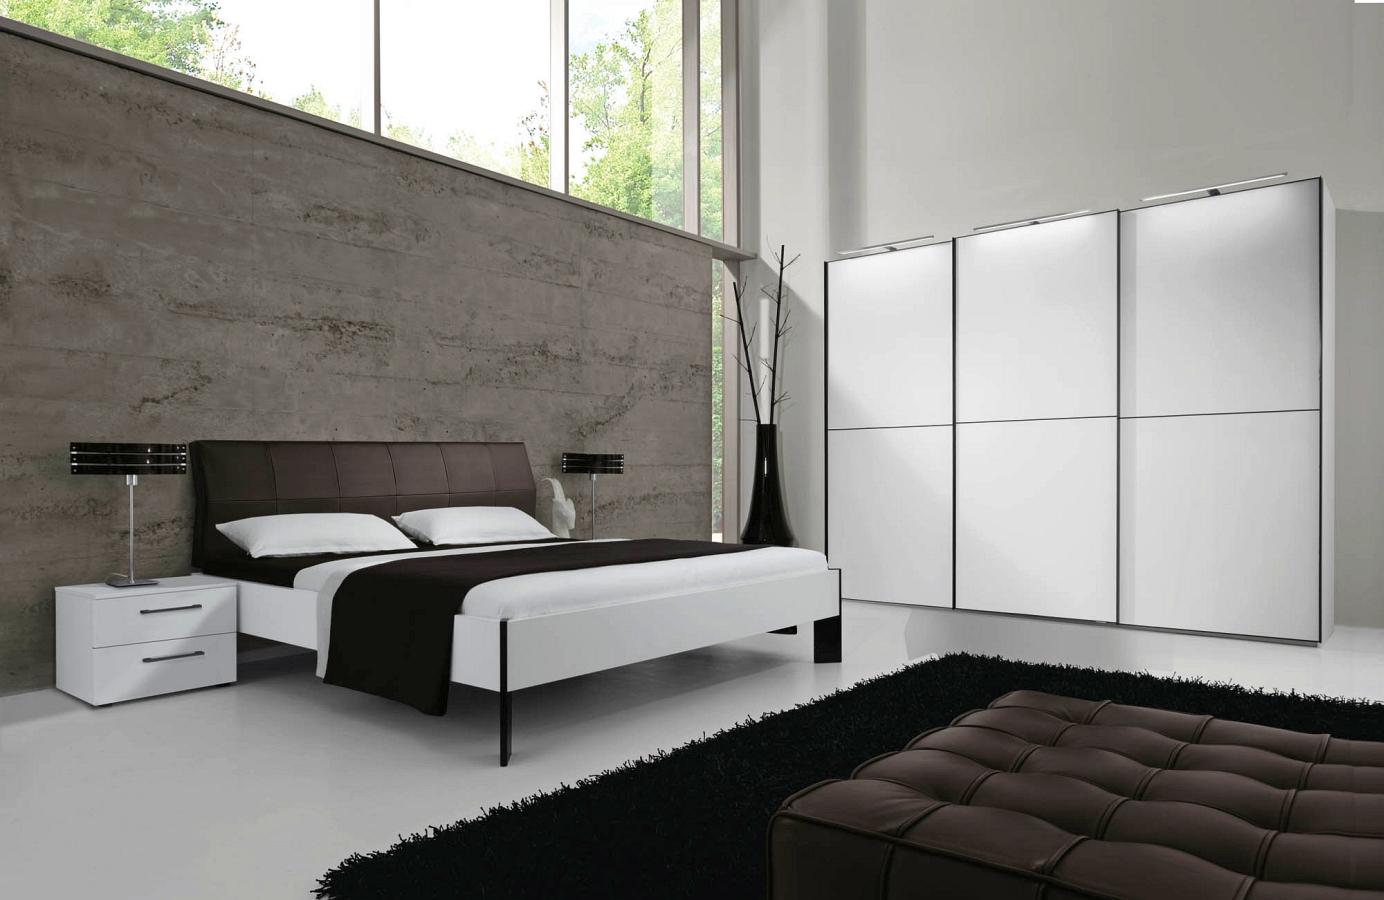 Full Size of Nolte Schlafzimmer Kommode Renault Modelle 2020 28 Images Truhe Mit überbau Set Weiß Wandtattoo Loddenkemper Deckenleuchte Weißes Landhausstil Rauch Schlafzimmer Nolte Schlafzimmer